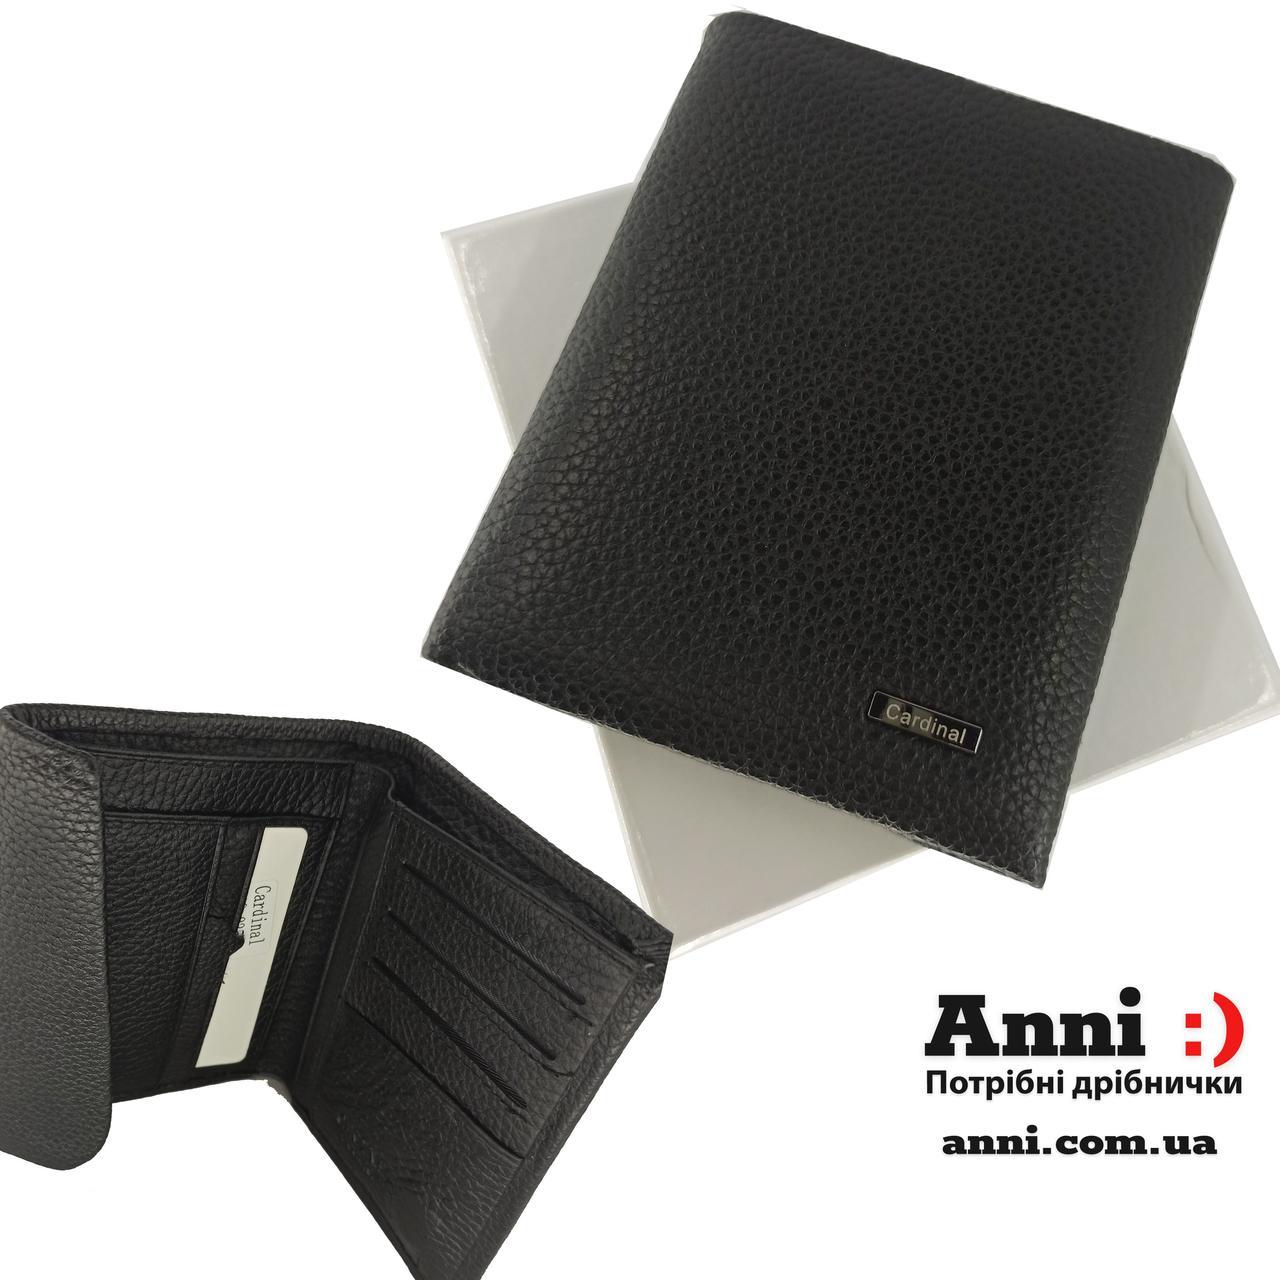 Кожаный мужской кошелек портмоне двойного сложения  Cardinal 835-1